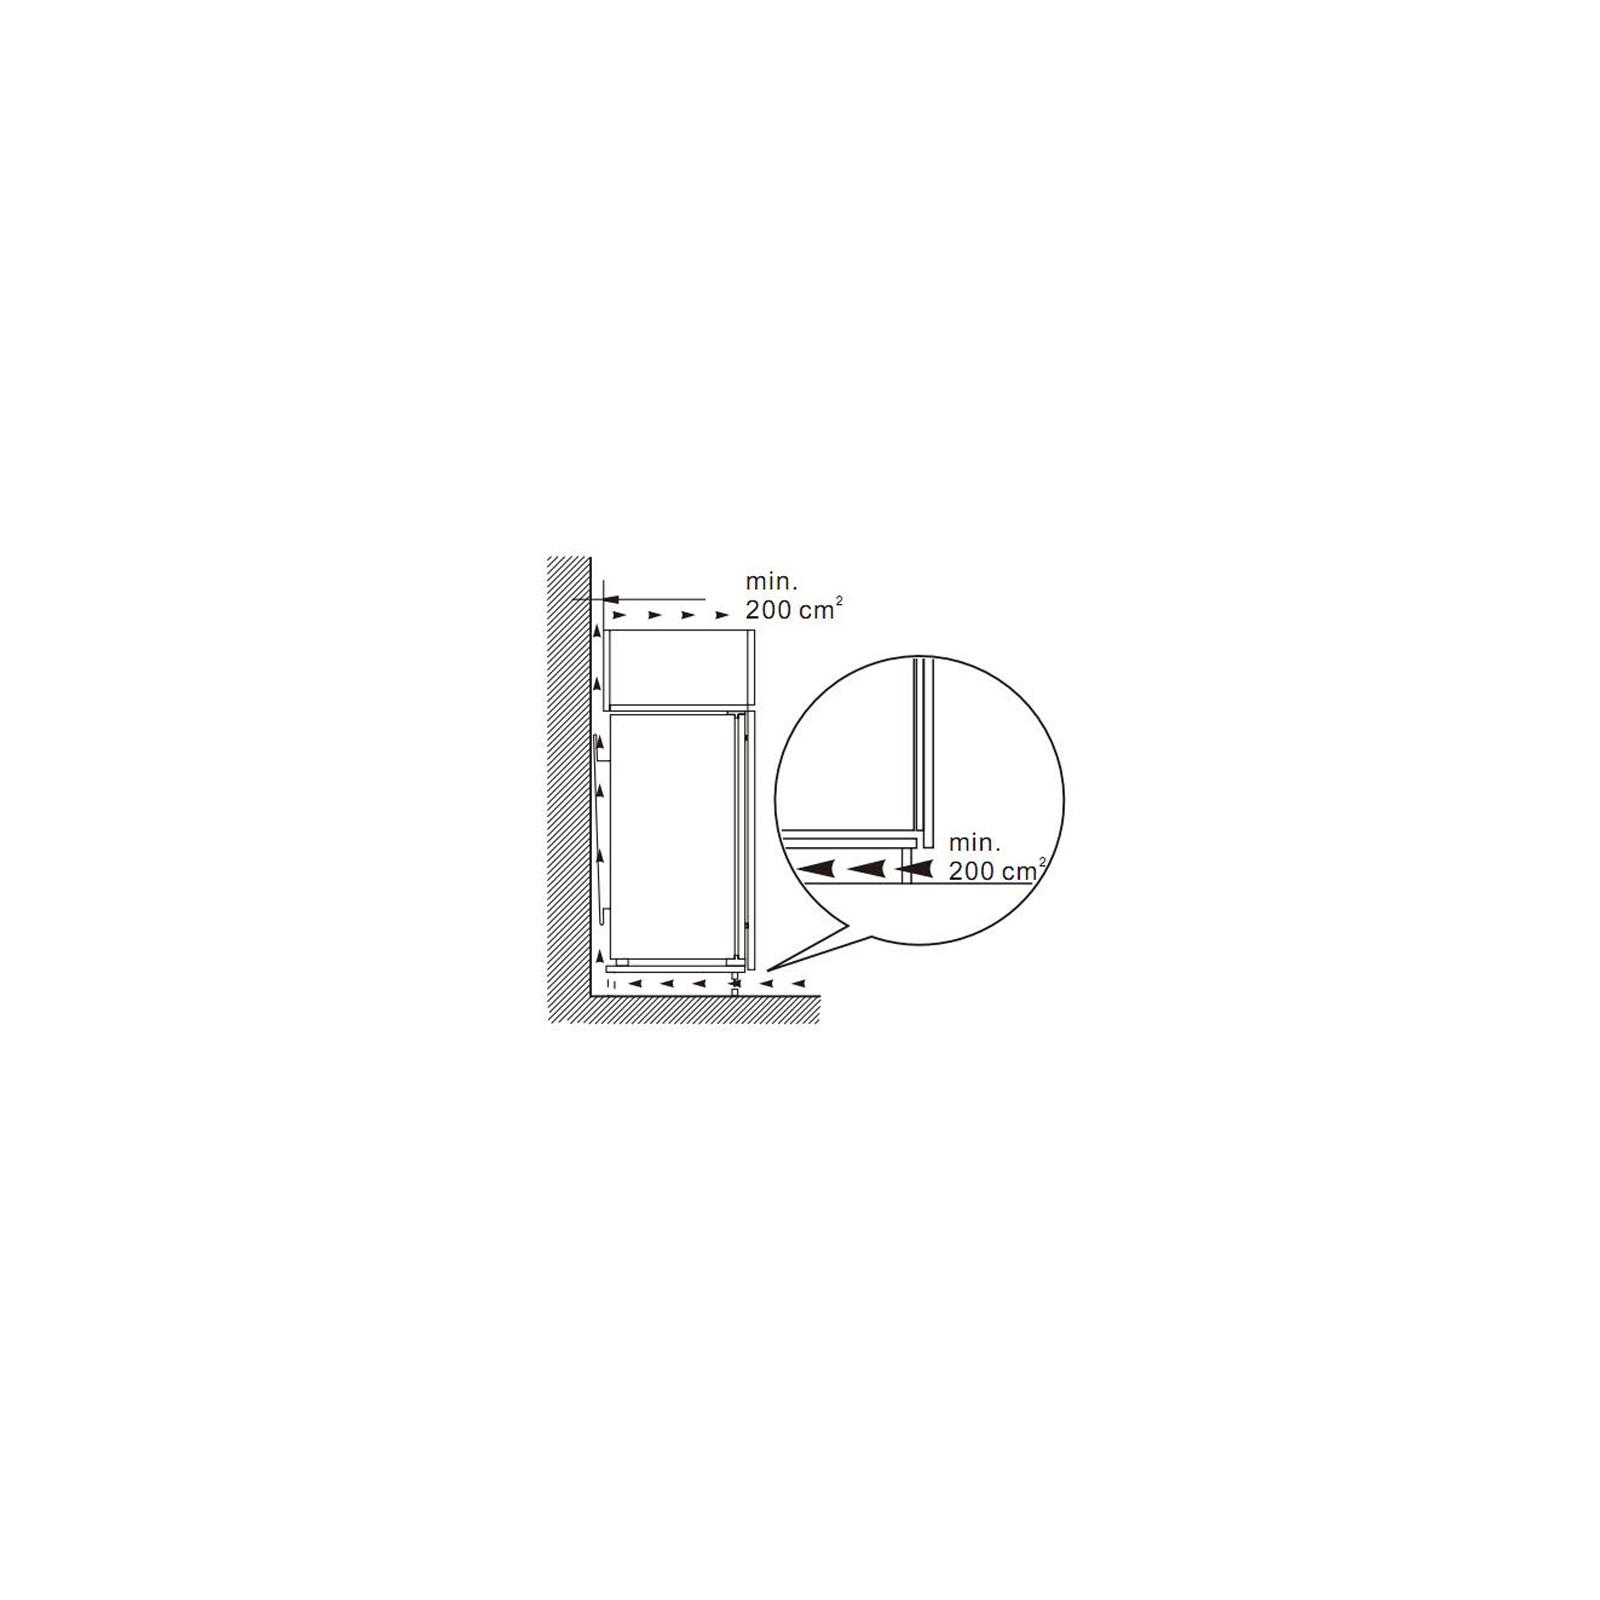 Холодильник INTERLINE IBC 250 изображение 3